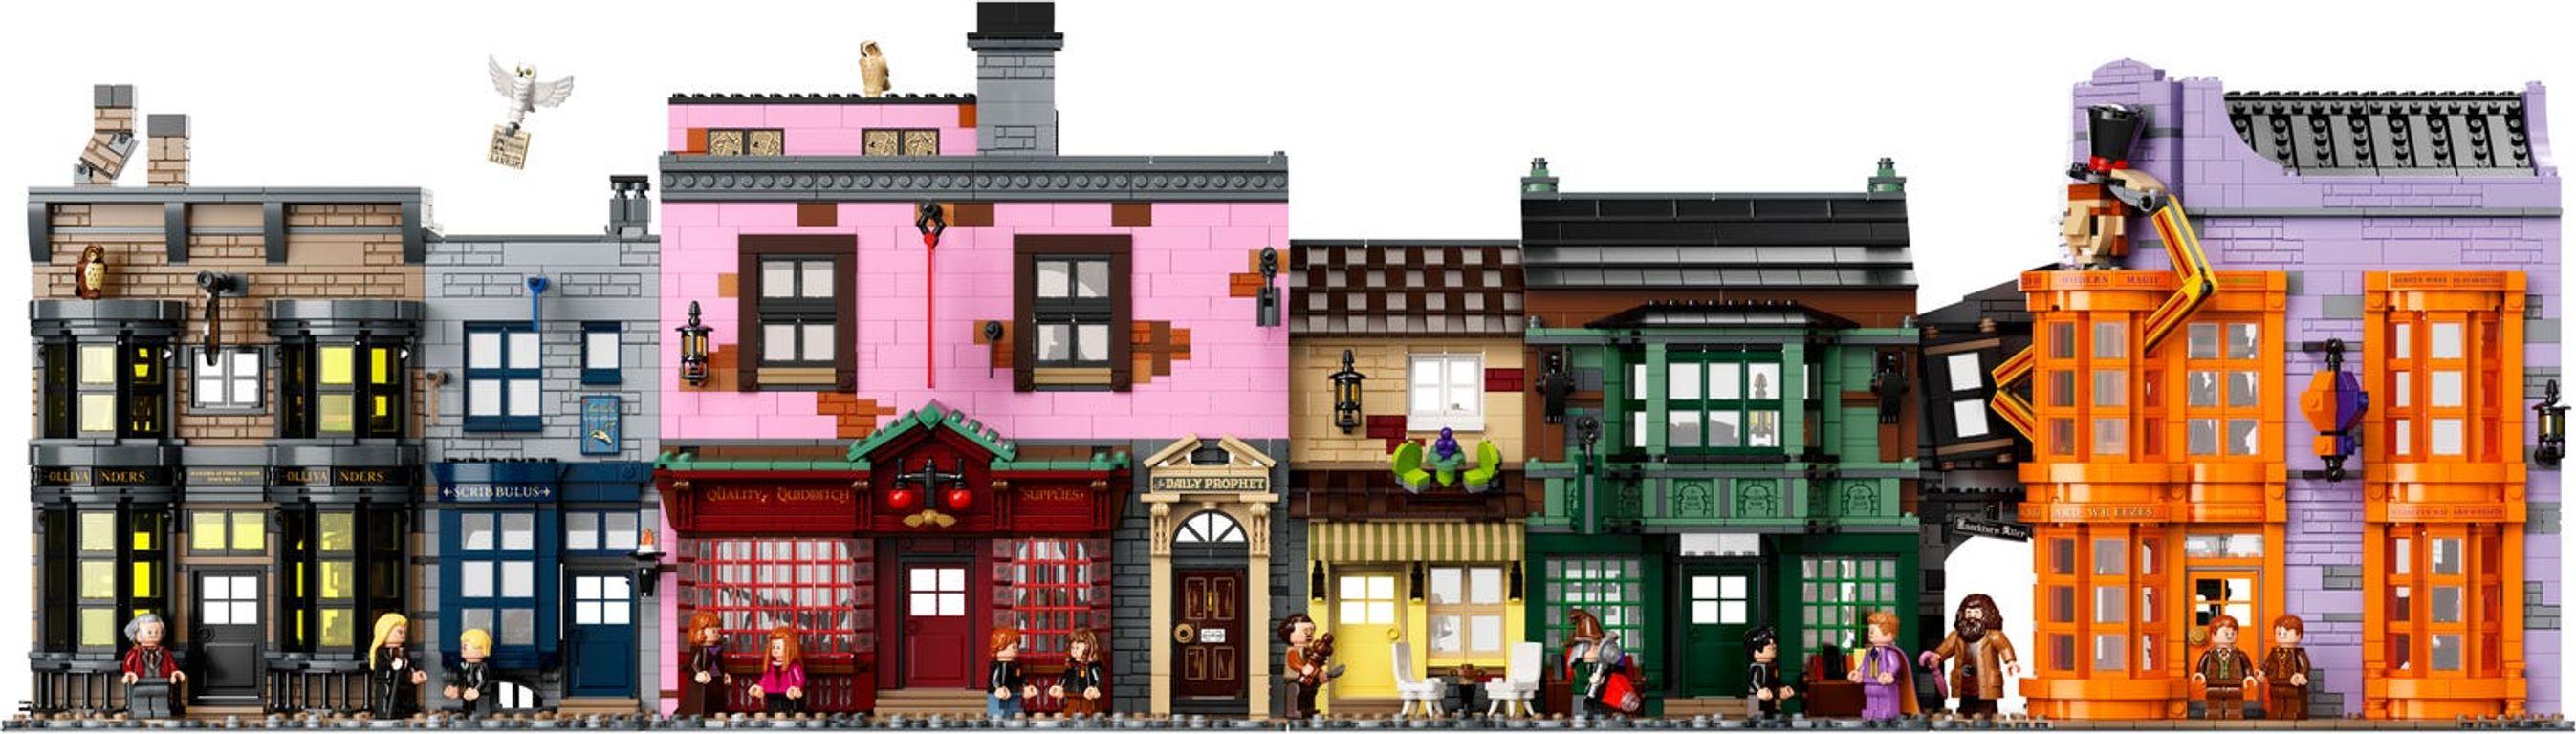 Diagon Alley™ building